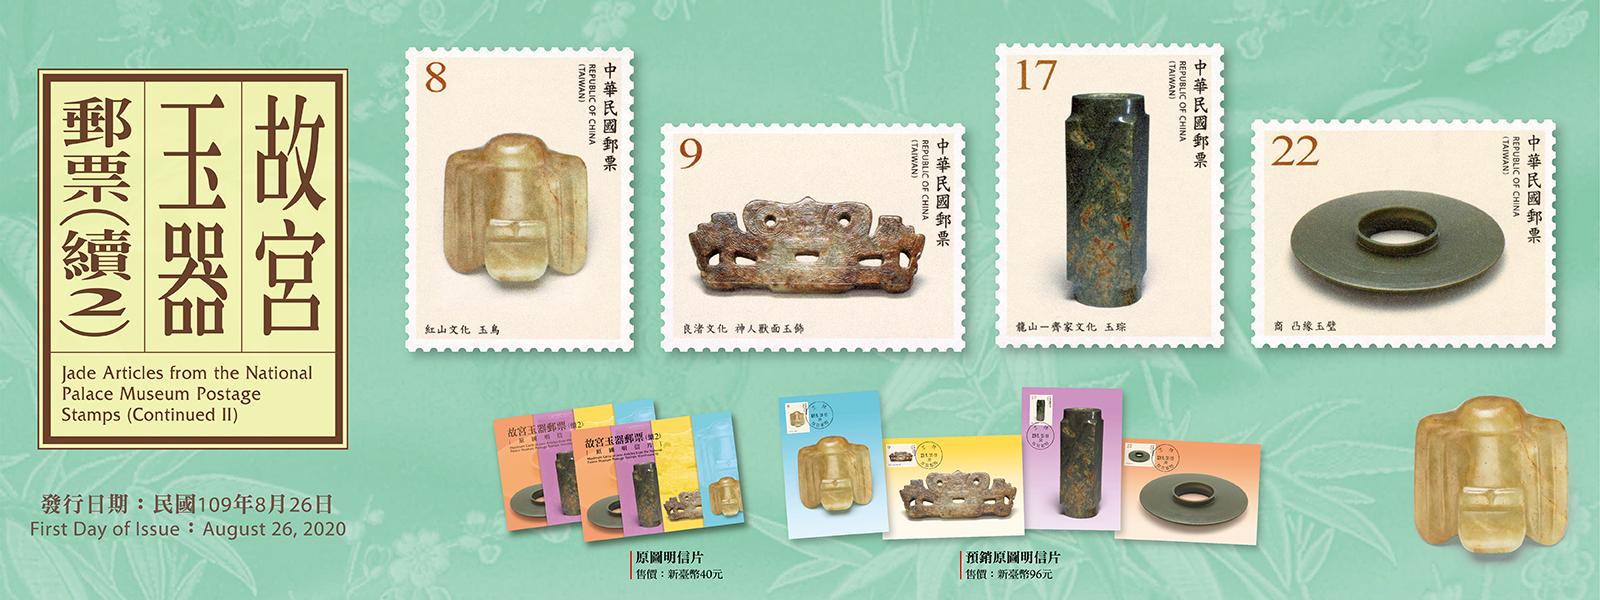 廣告連結:常148 故宮玉器郵票(續2)